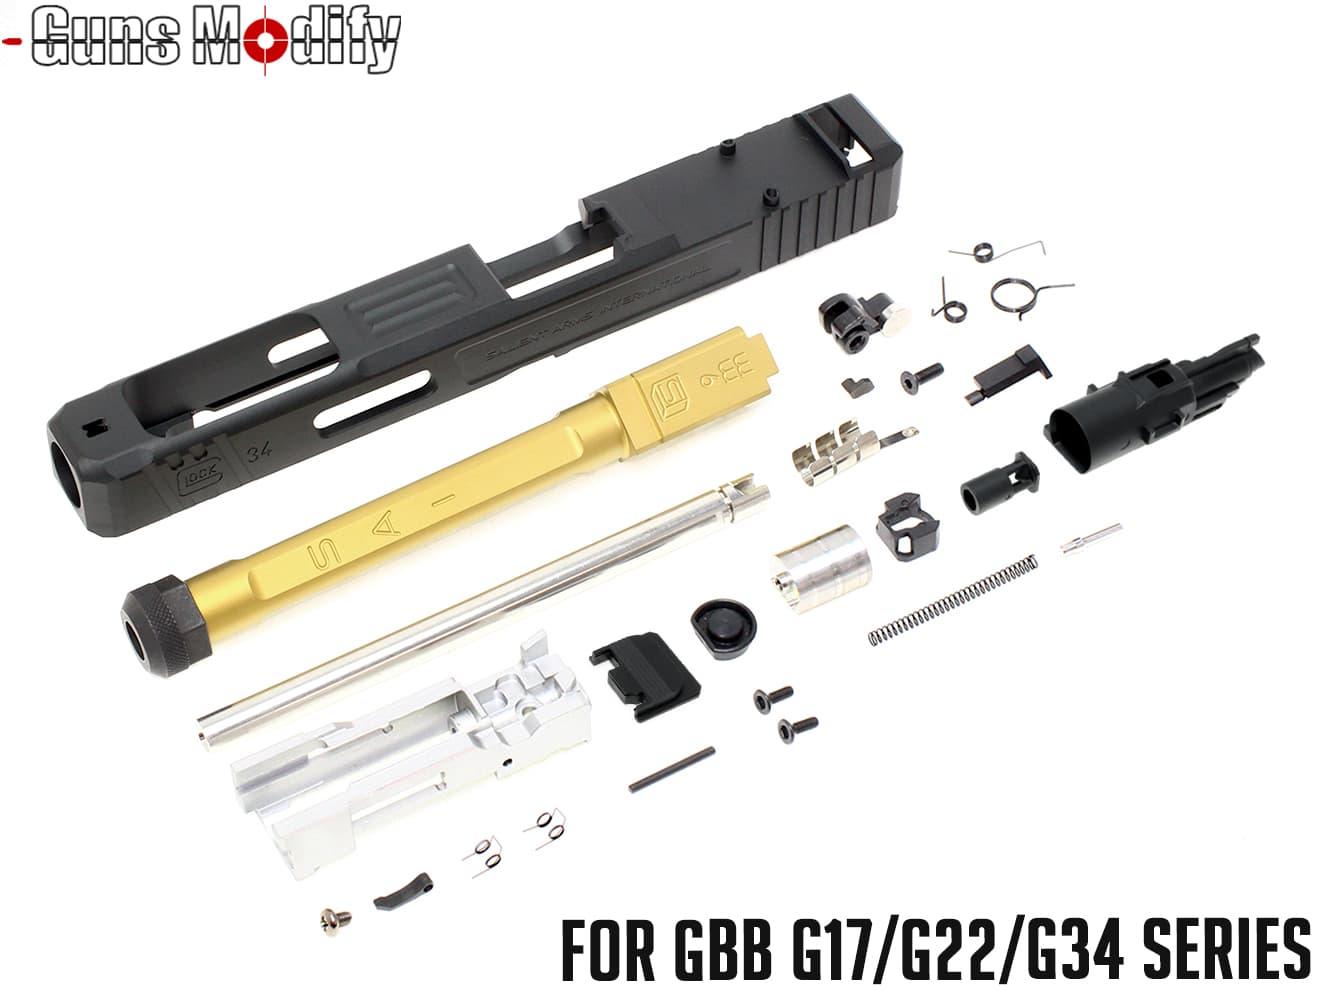 Guns Modify G34 SA CNC Tier 1 RMR アルミスライド&ボックスフルート TiNステンレススレッドアウターバレル w/ ブリーチフルセット